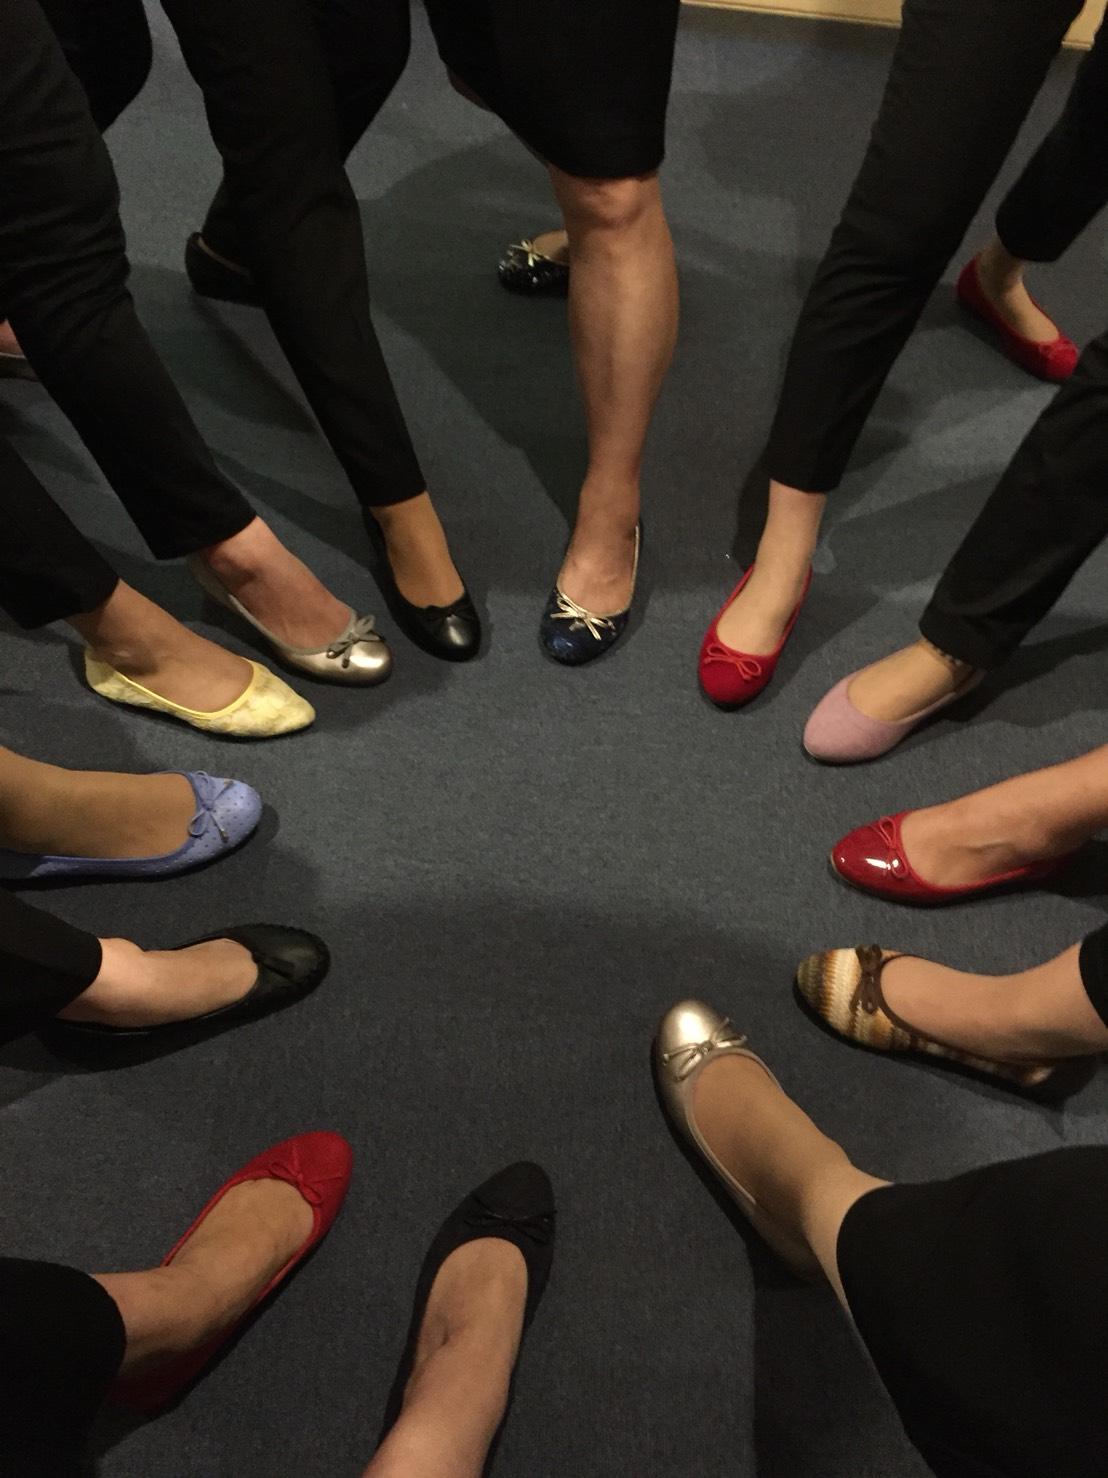 団長お気に入りの靴の写真